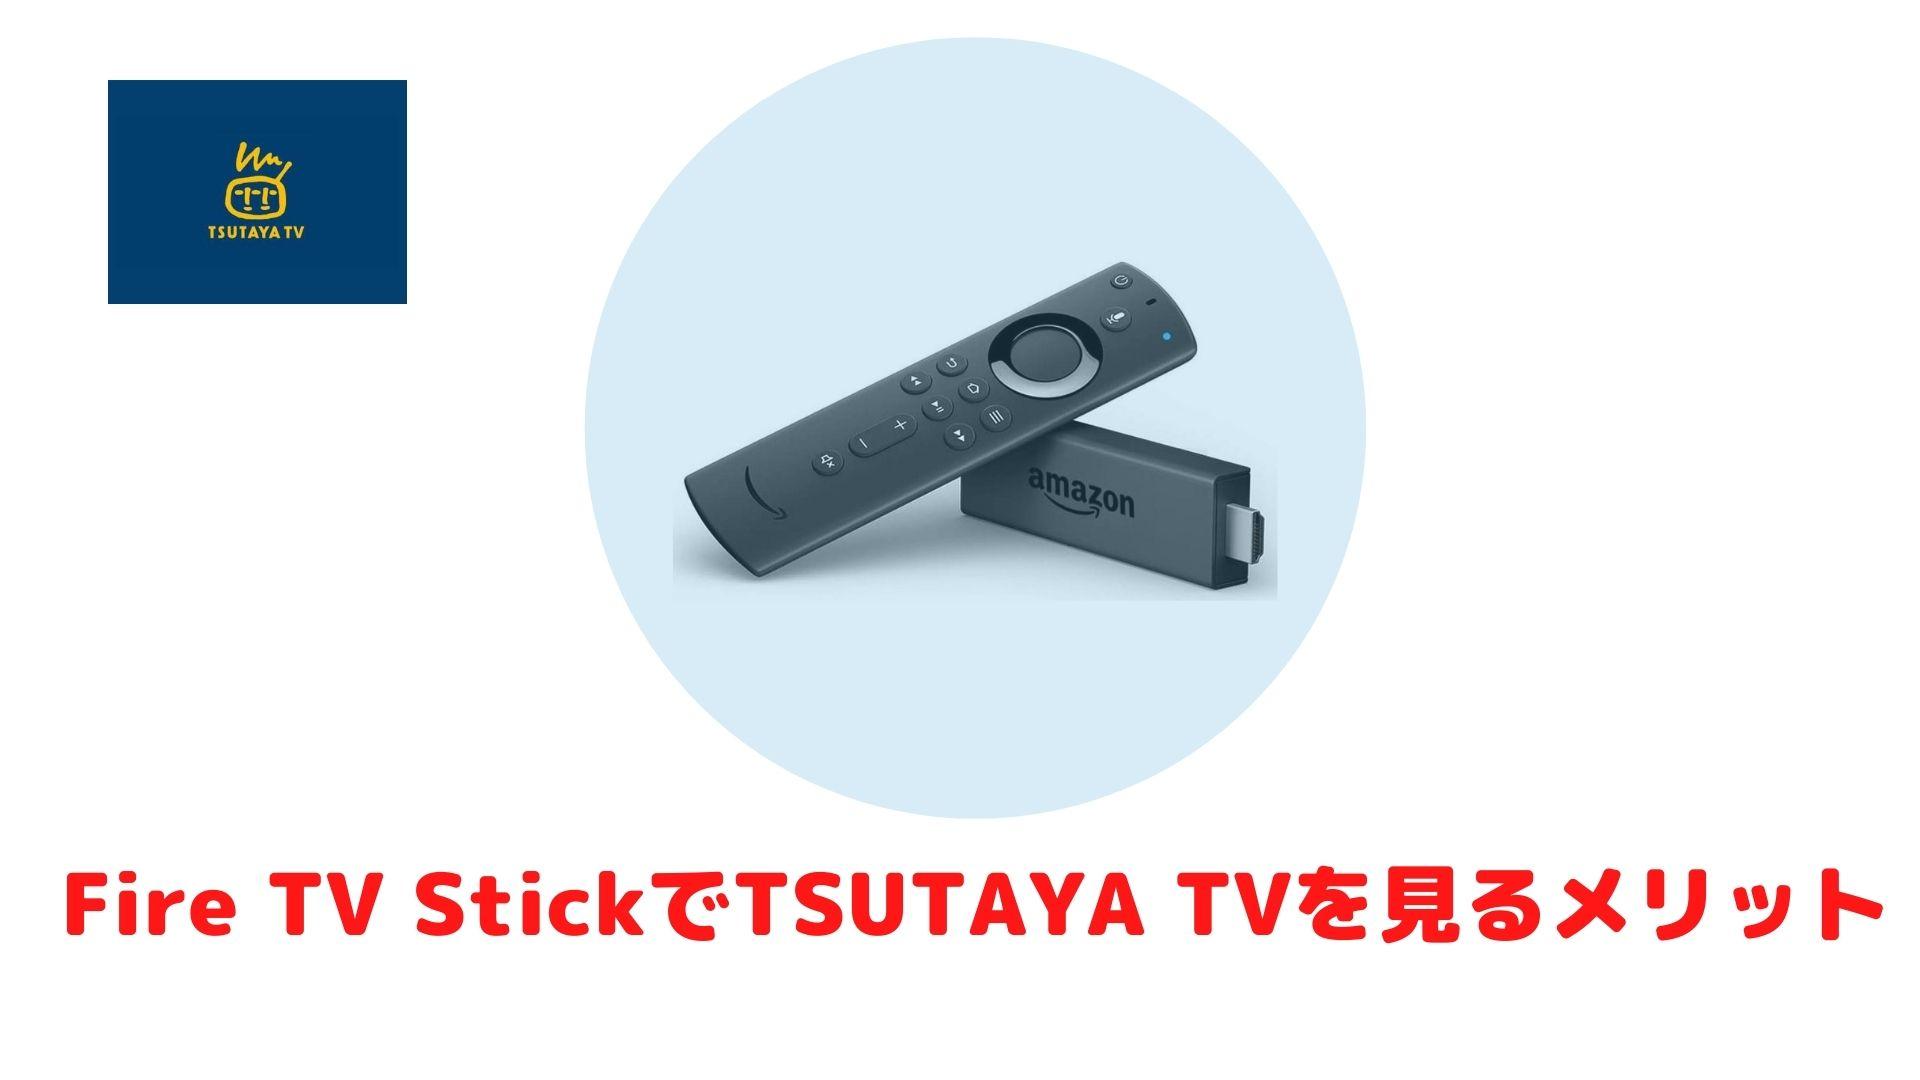 Fire TV StickでTSUTAYA TVを見るメリット